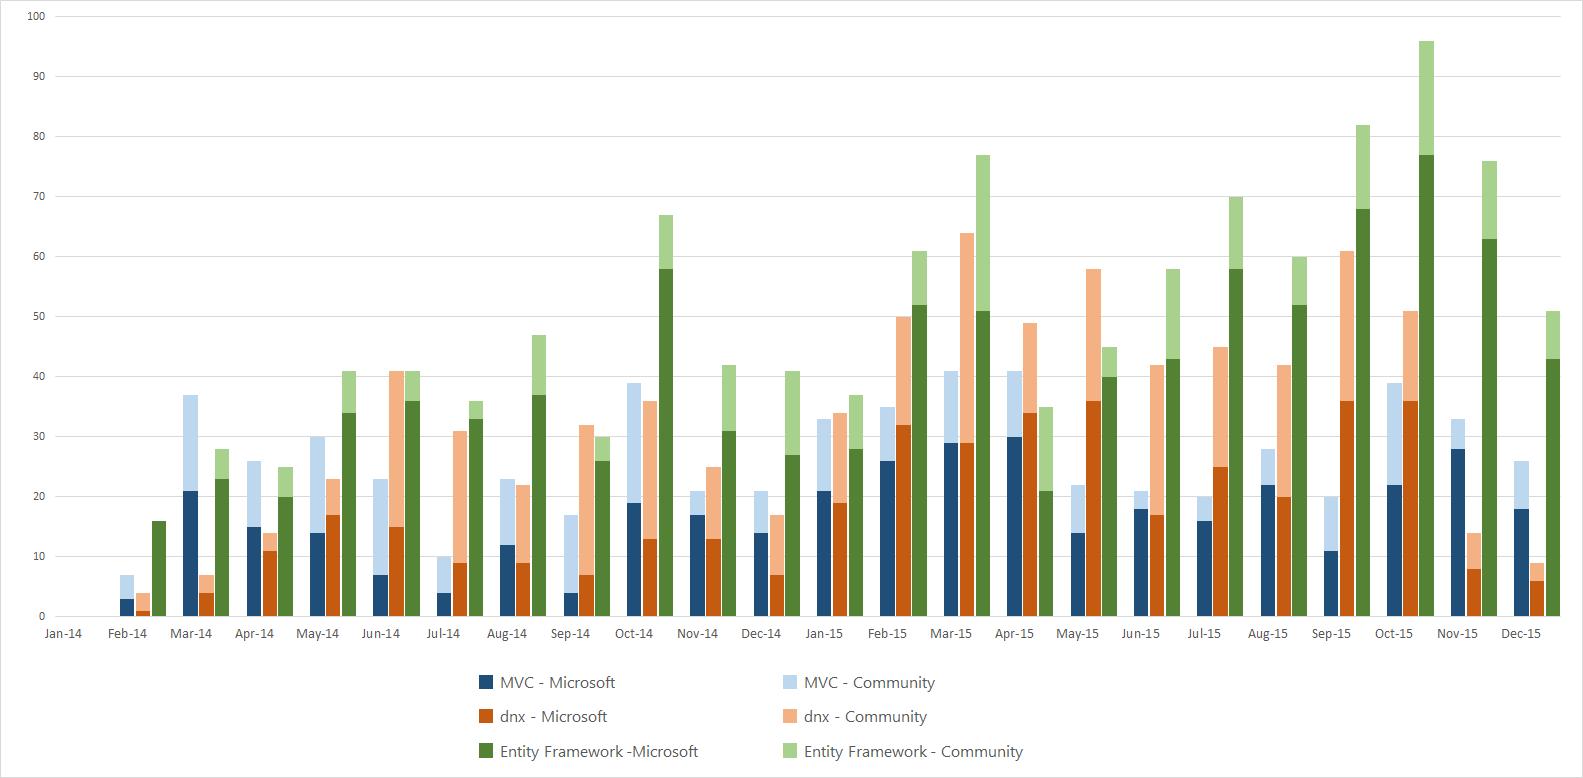 每月合并 PR 数 - 按提交者(微软或社区)